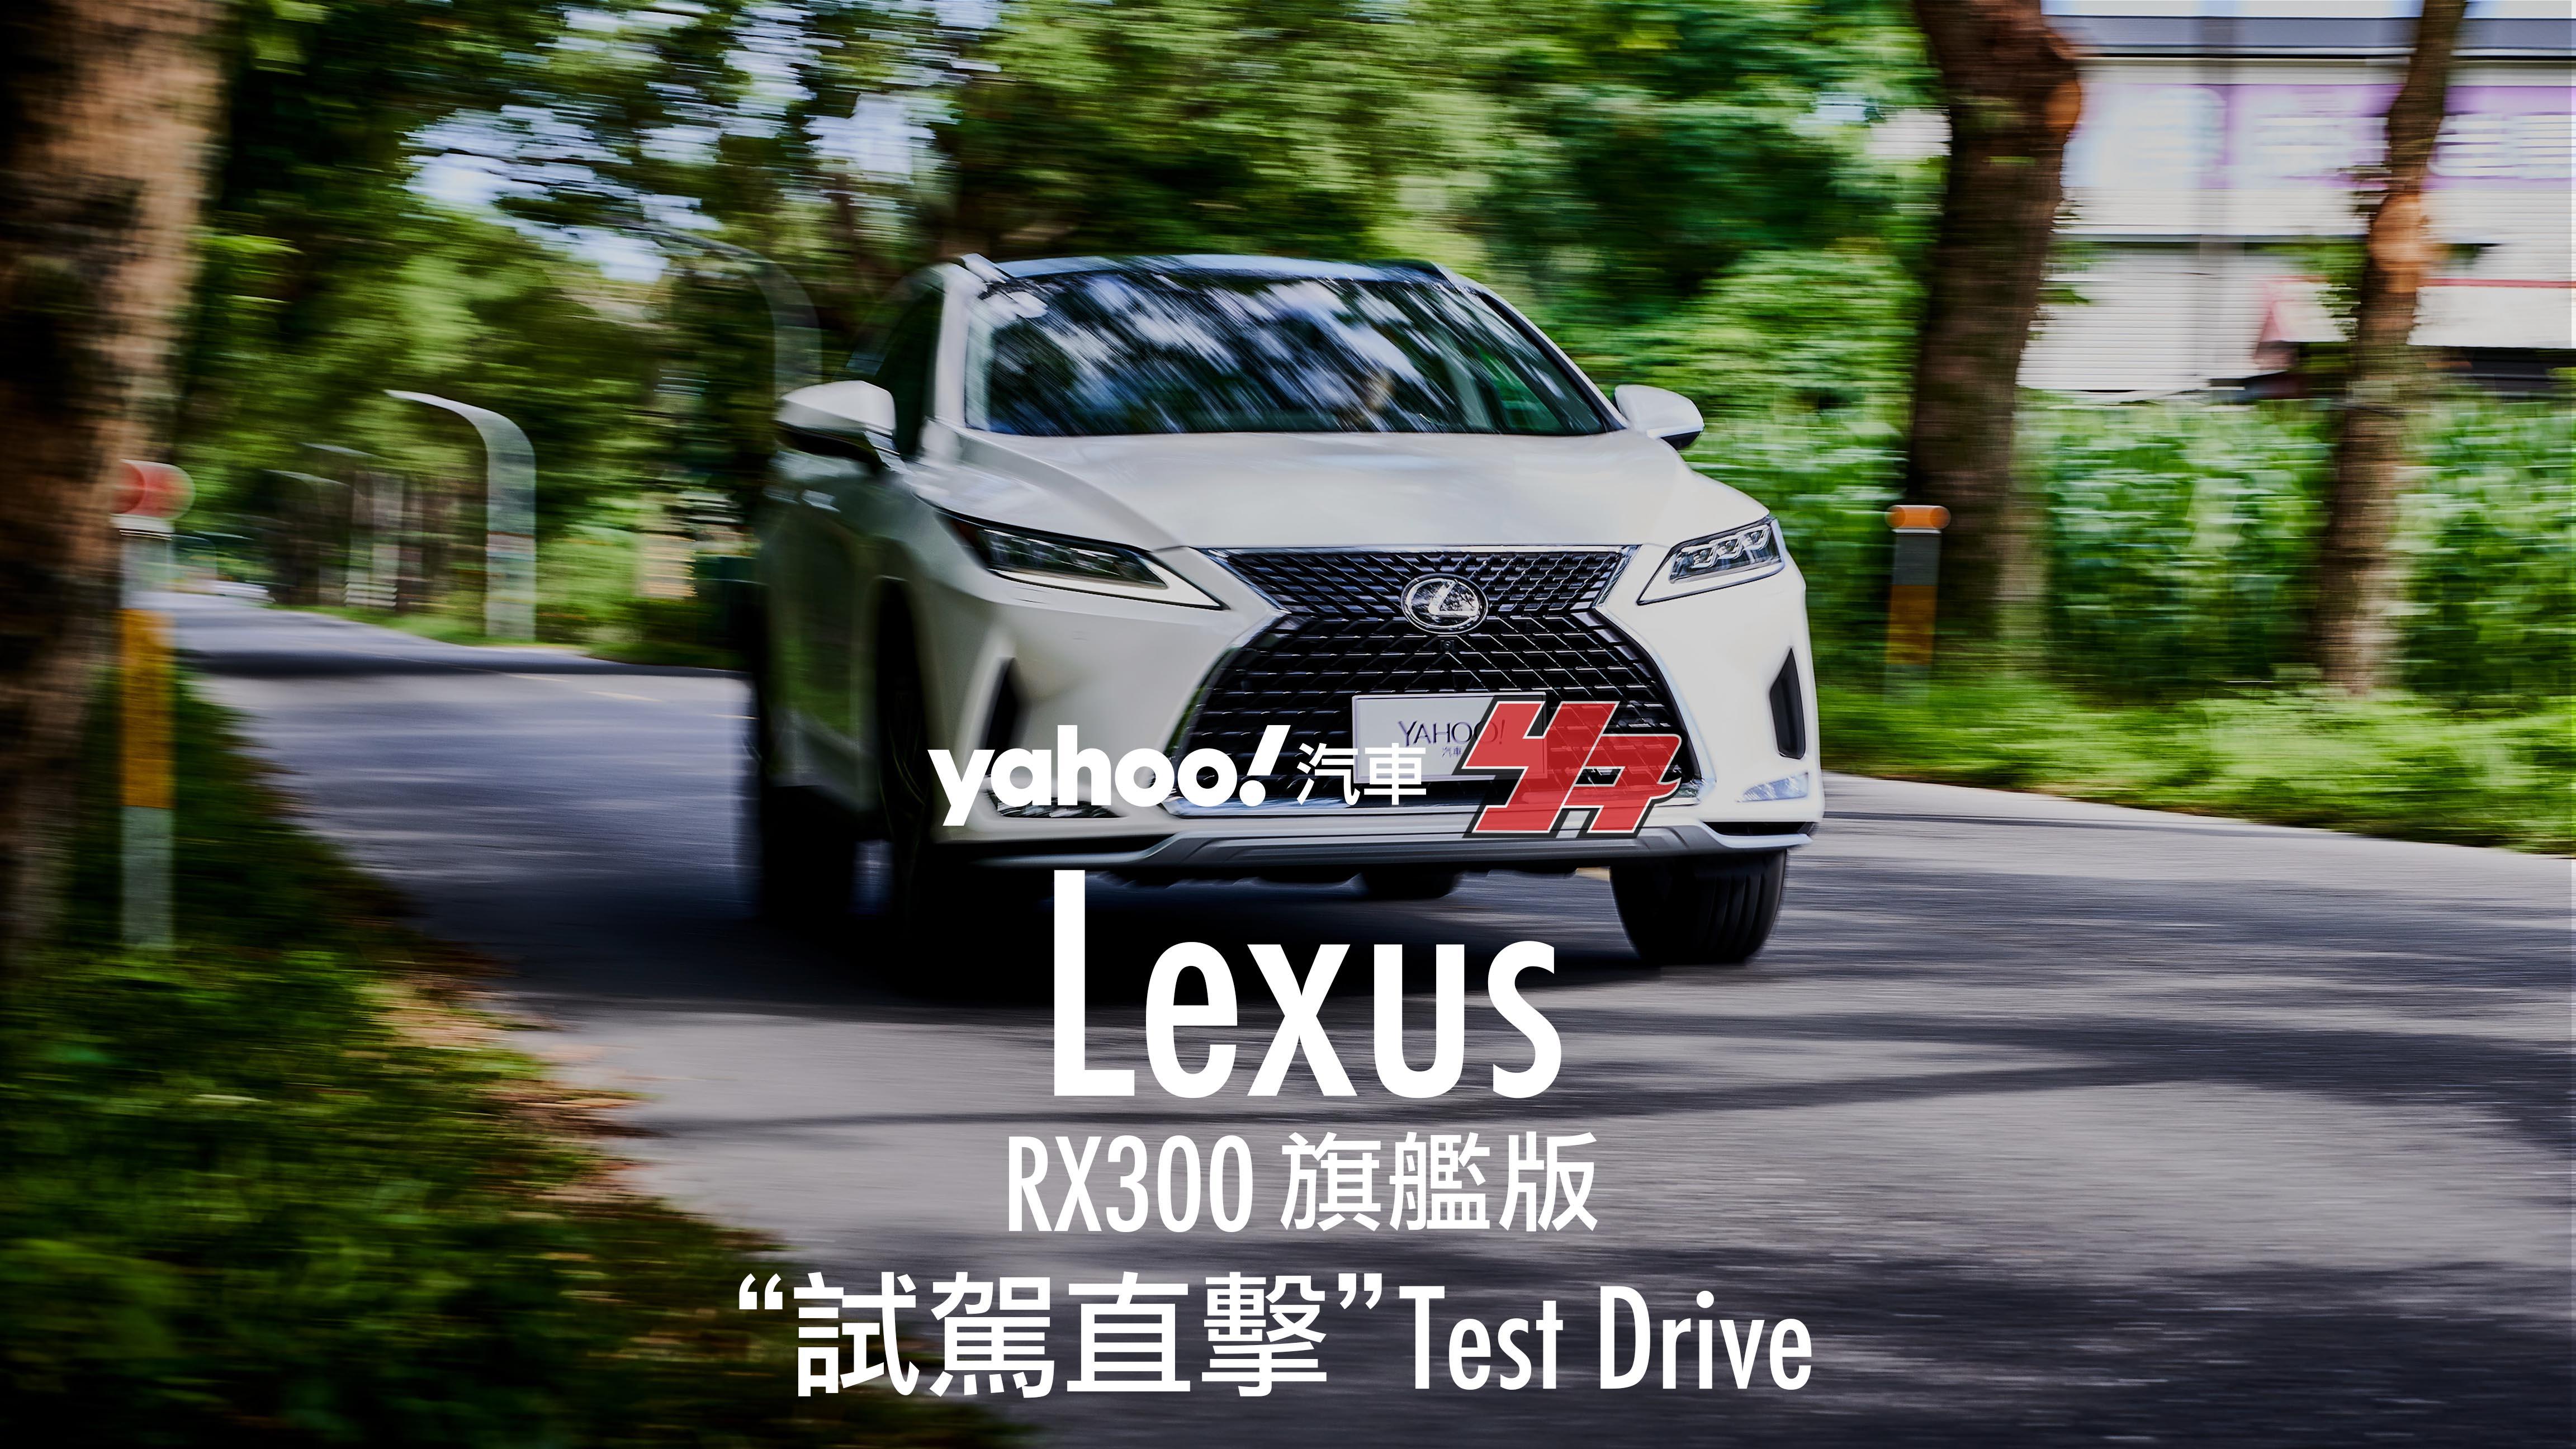 【試駕直擊】越趨成熟的中堅豪華之作!2020年式Lexus RX300旗艦版小改款花蓮試駕!